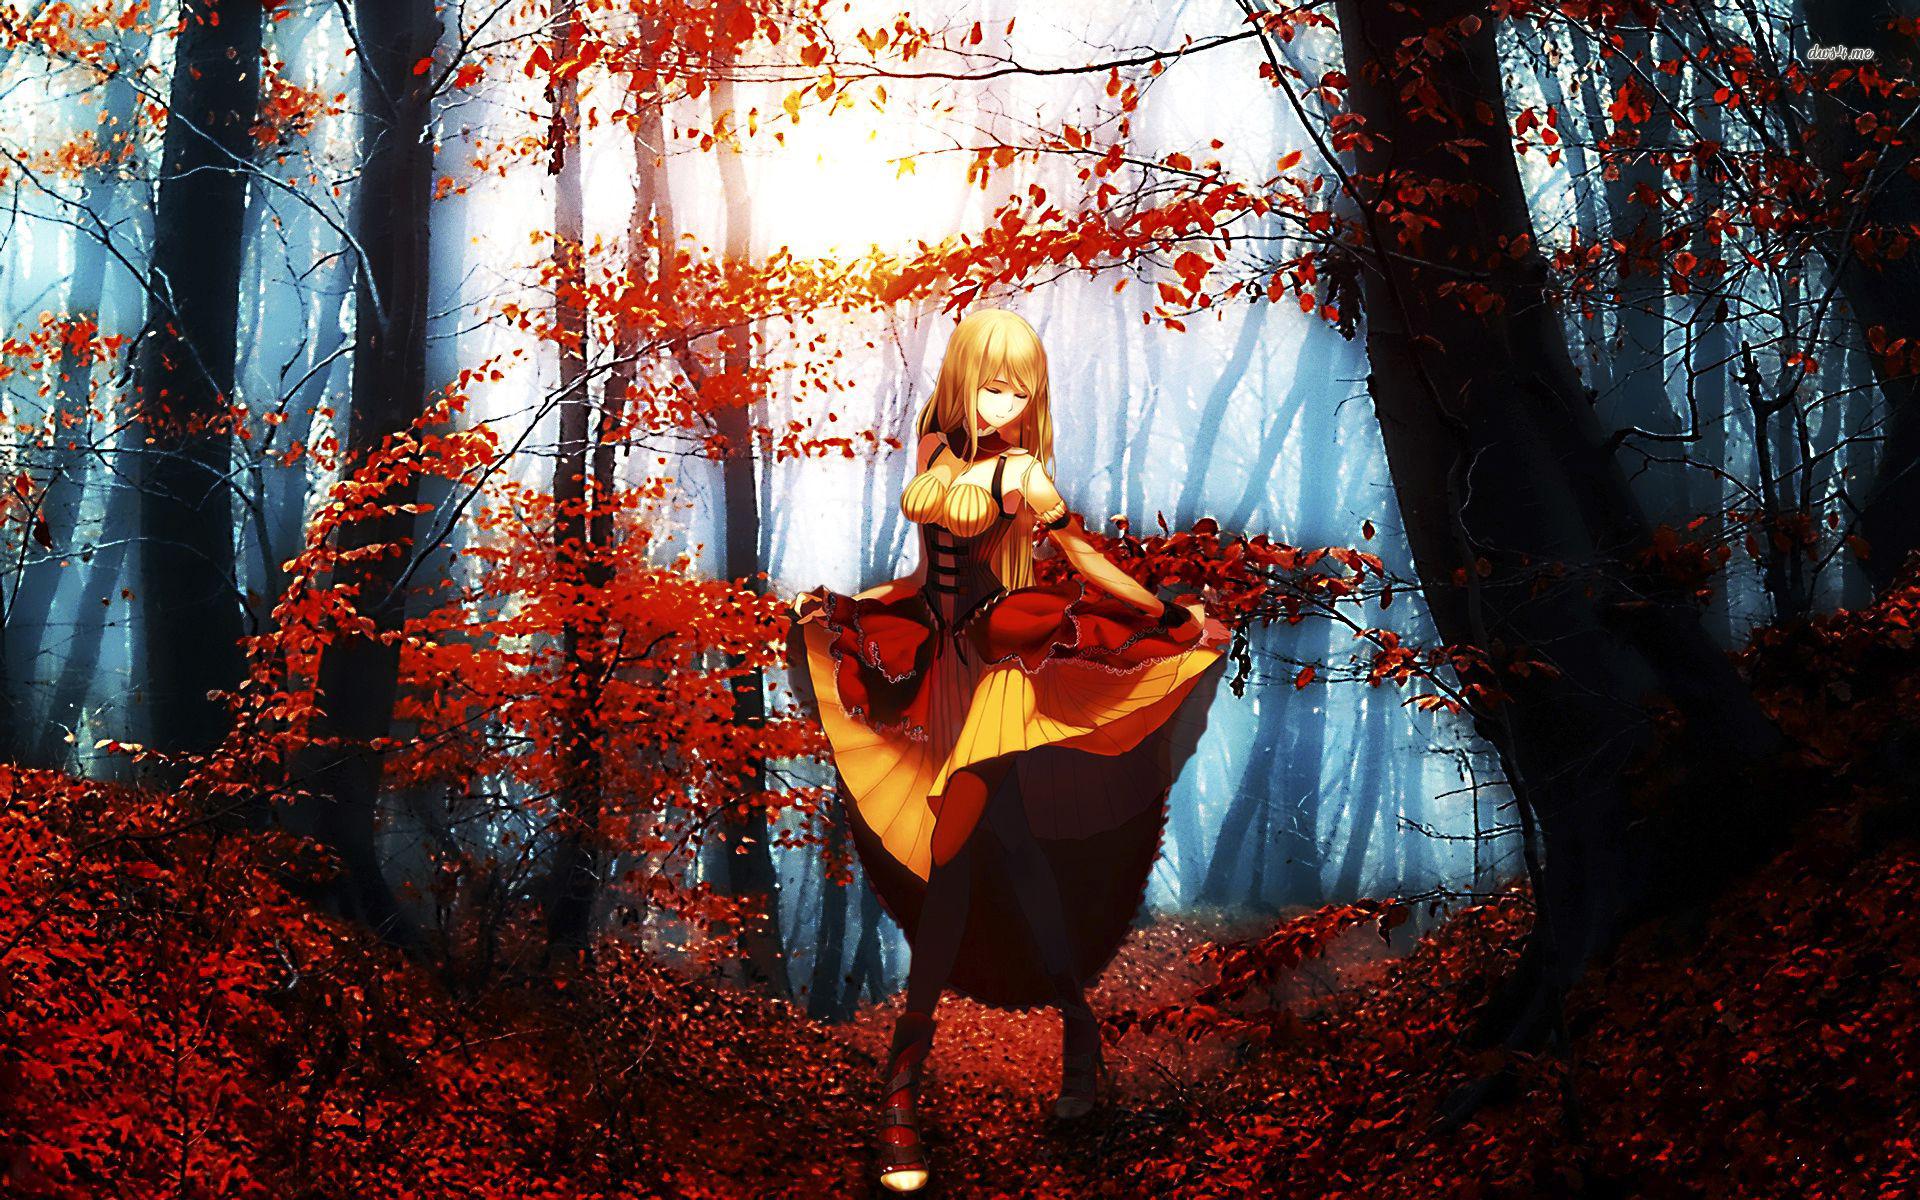 45 Anime Fall Wallpapers On Wallpapersafari